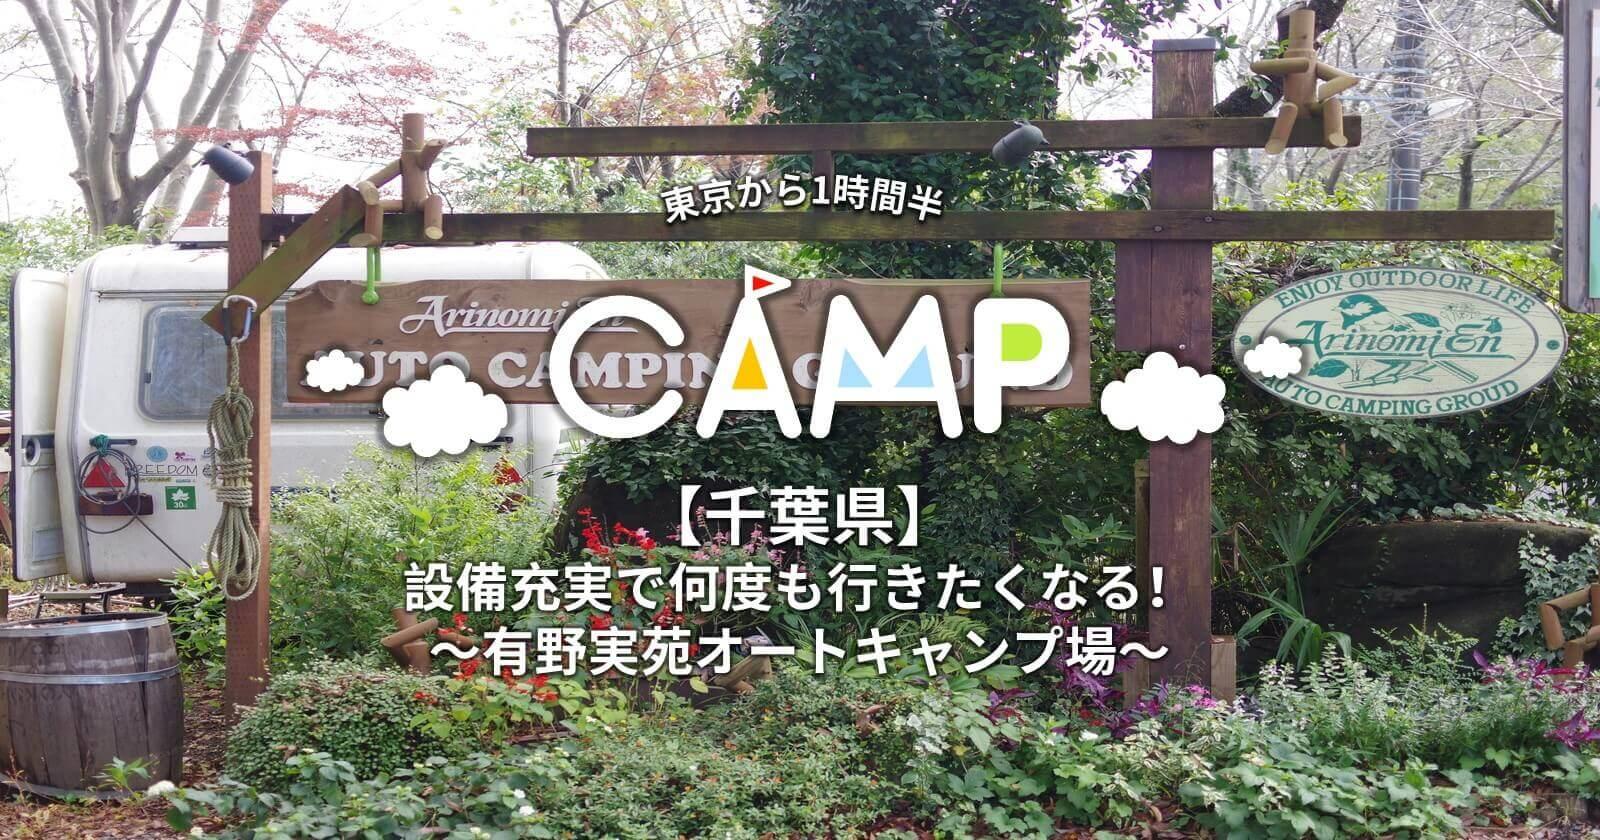 苑 オート キャンプ 場 実 有野